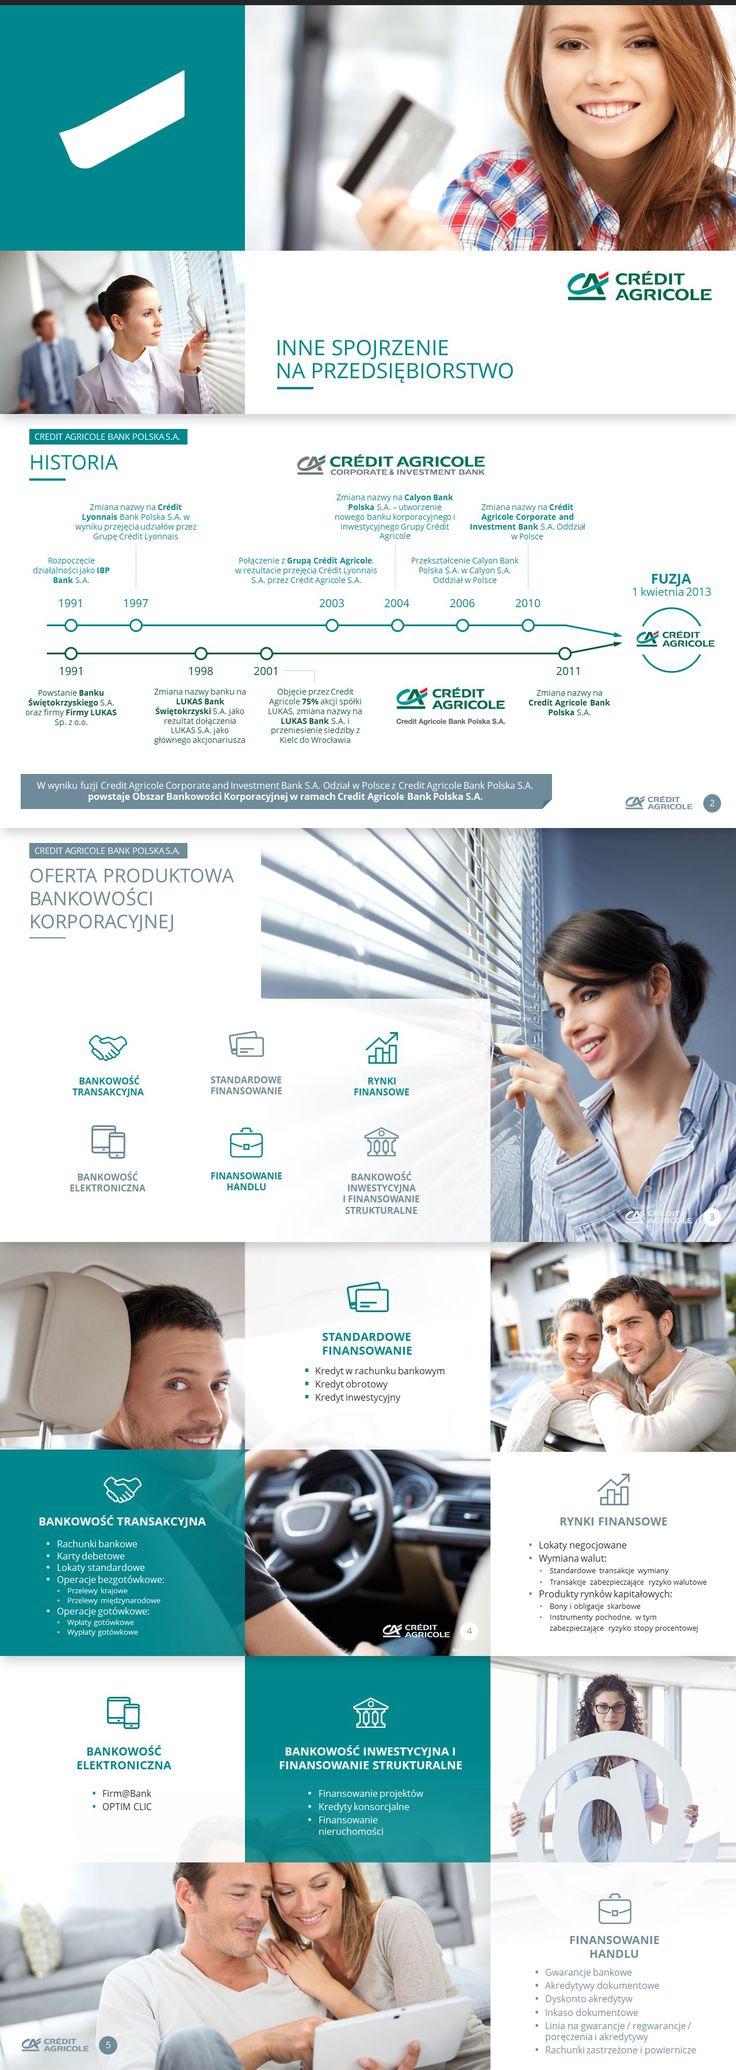 Projekt prezentacji wykonany dla firmy Credit Agricole - prezentacja w Power Point. Zapraszamy na stronę http://www.powerprezentacje.pl żeby zobaczyć więcej tego typu profesjonalnych prezentacji.